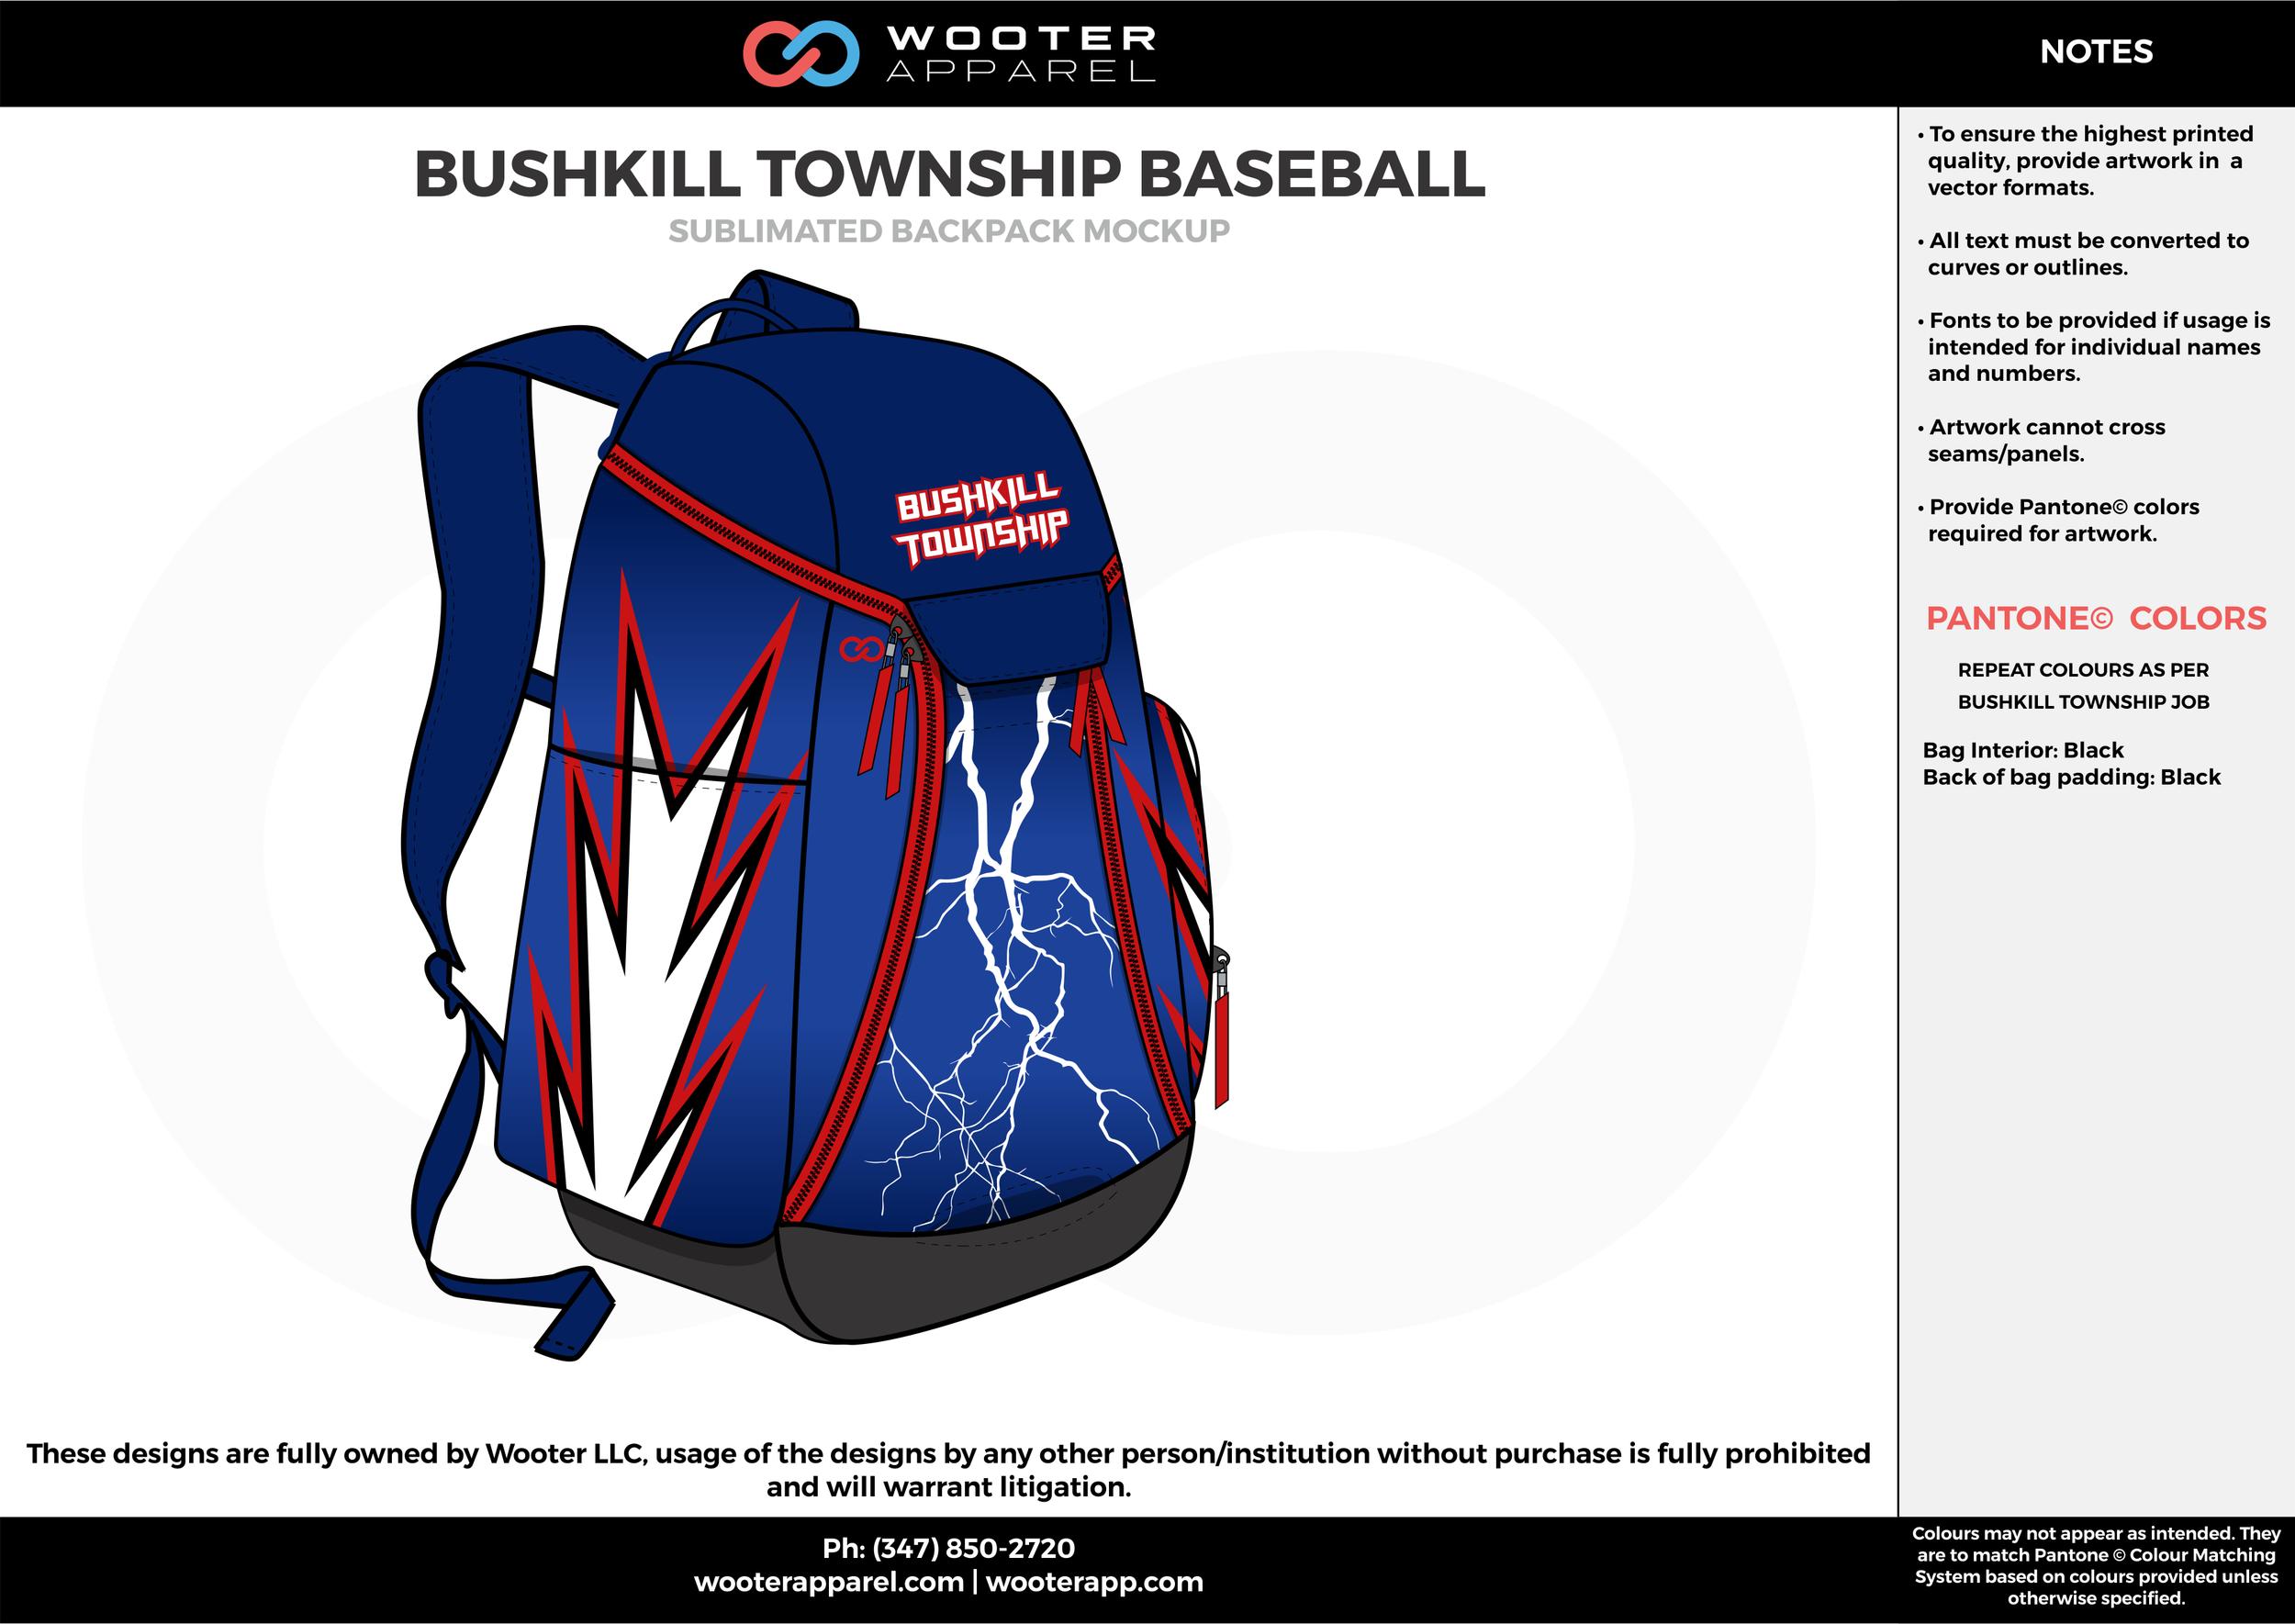 BUSHKILL TOWNSHIP BASEBALL blue red white gray  Custom Basketball Backpacks, Bags, Nike Elite Bags